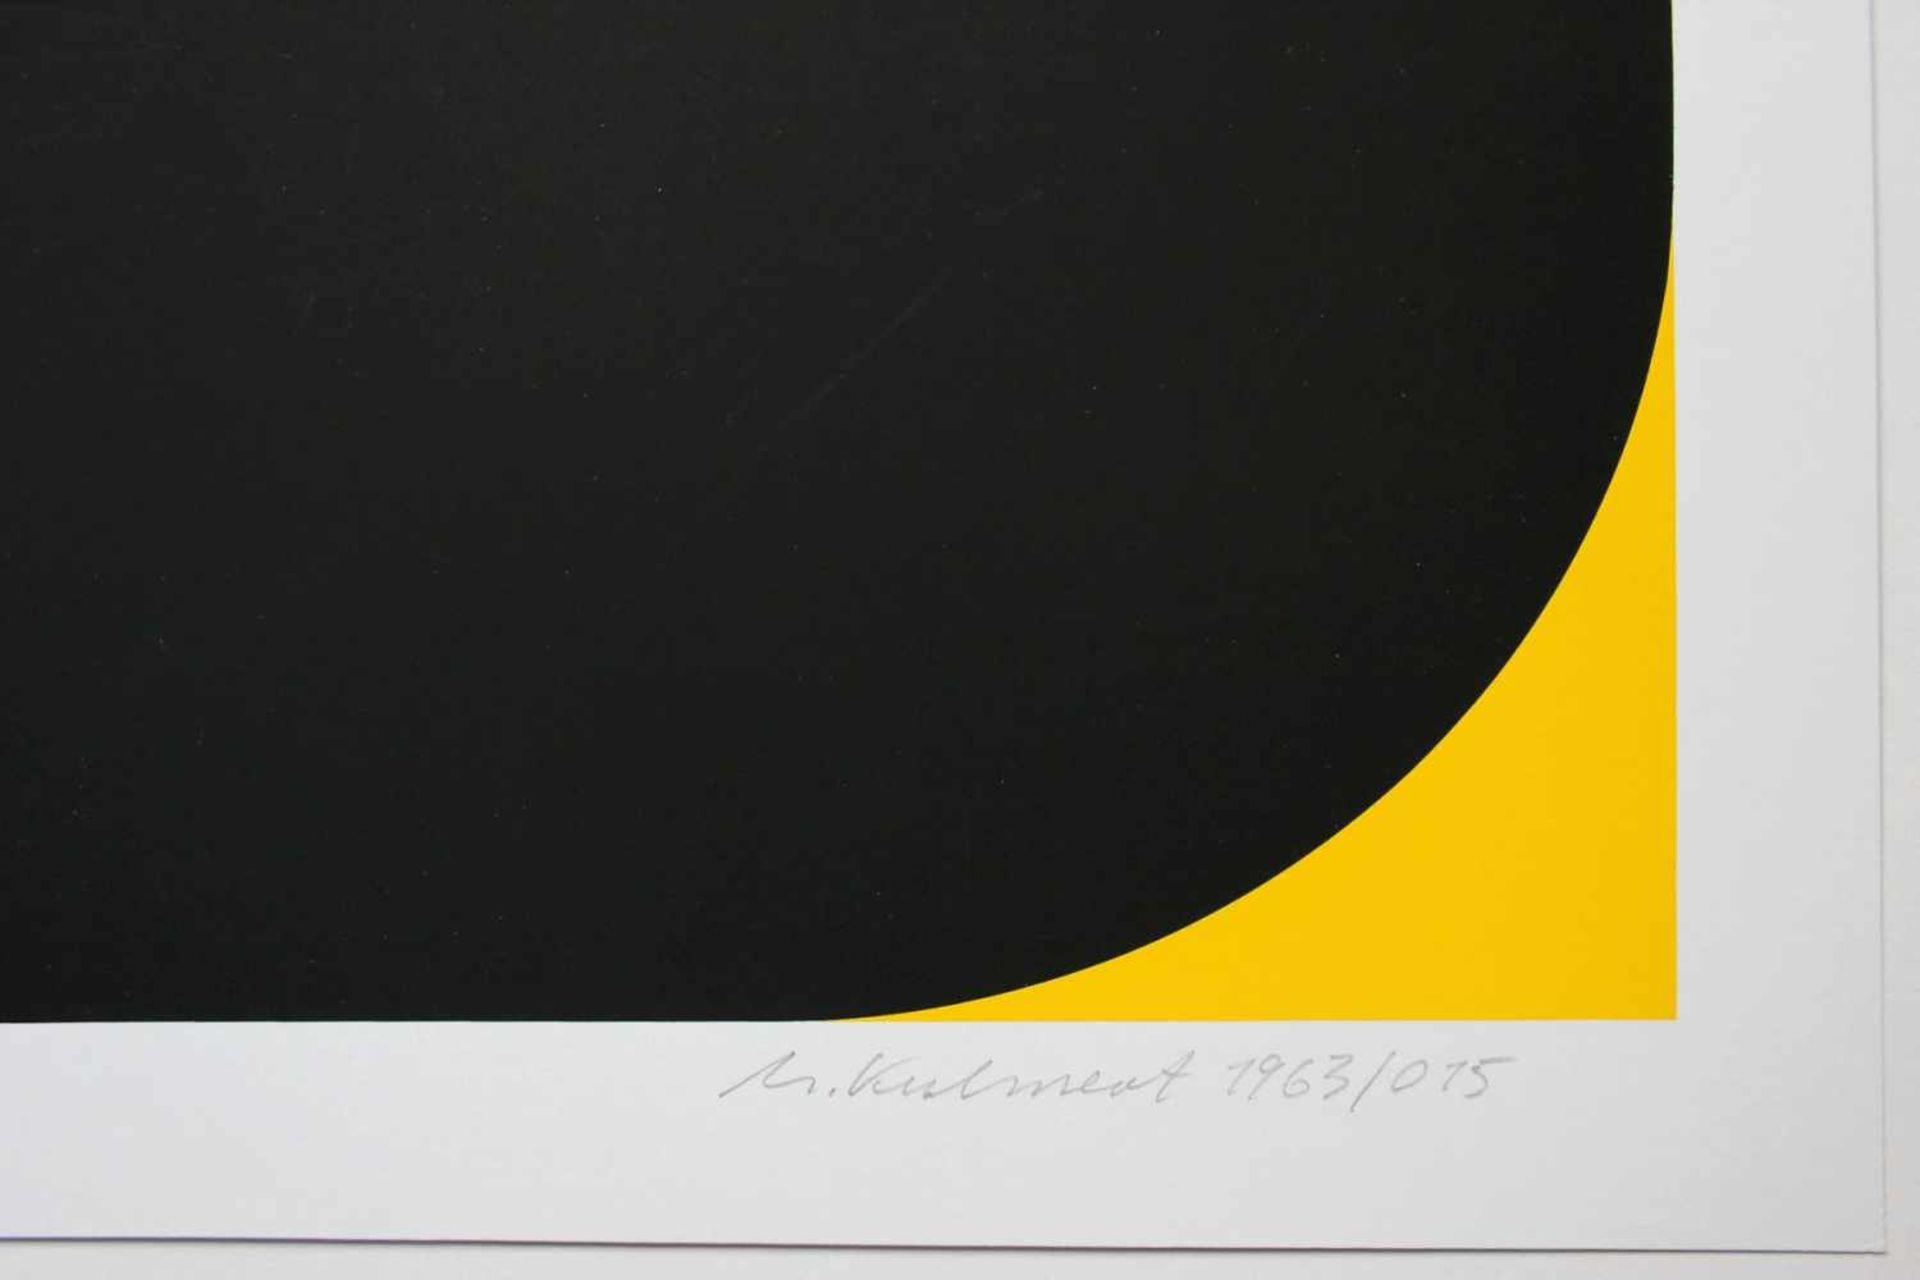 Horst Kuhnert geb. 1939 o.T. 1963/015 Farbserigraphie handsigniert, datiert und nummeriert 27/100 50 - Bild 2 aus 3